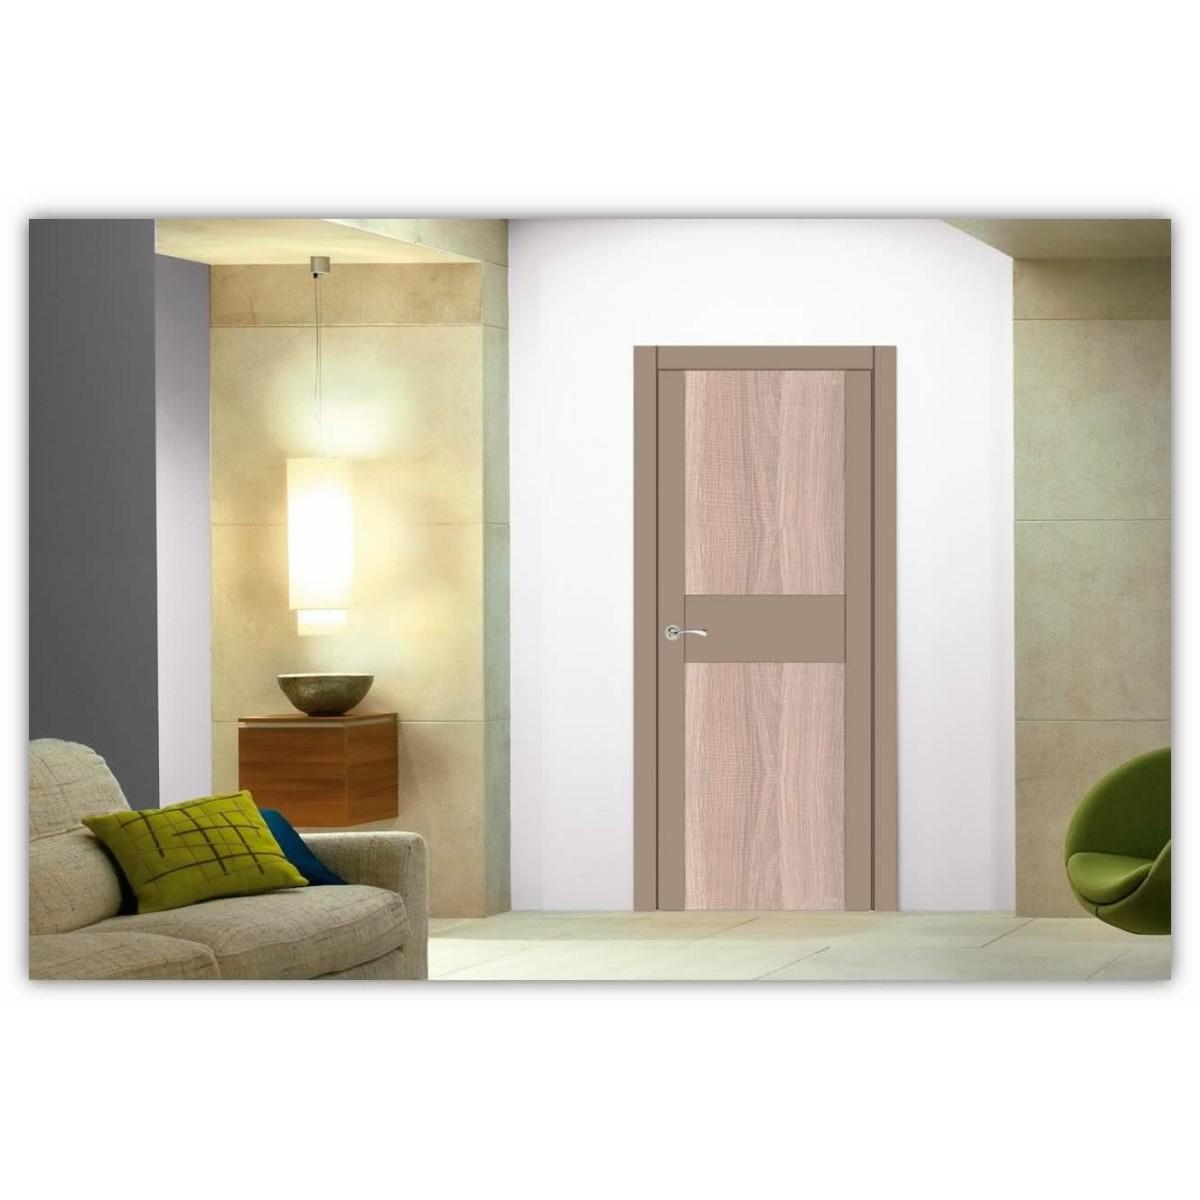 Дверь Межкомнатная Остеклённая Арт Лайн 70x200 Цвет Какао/Холст